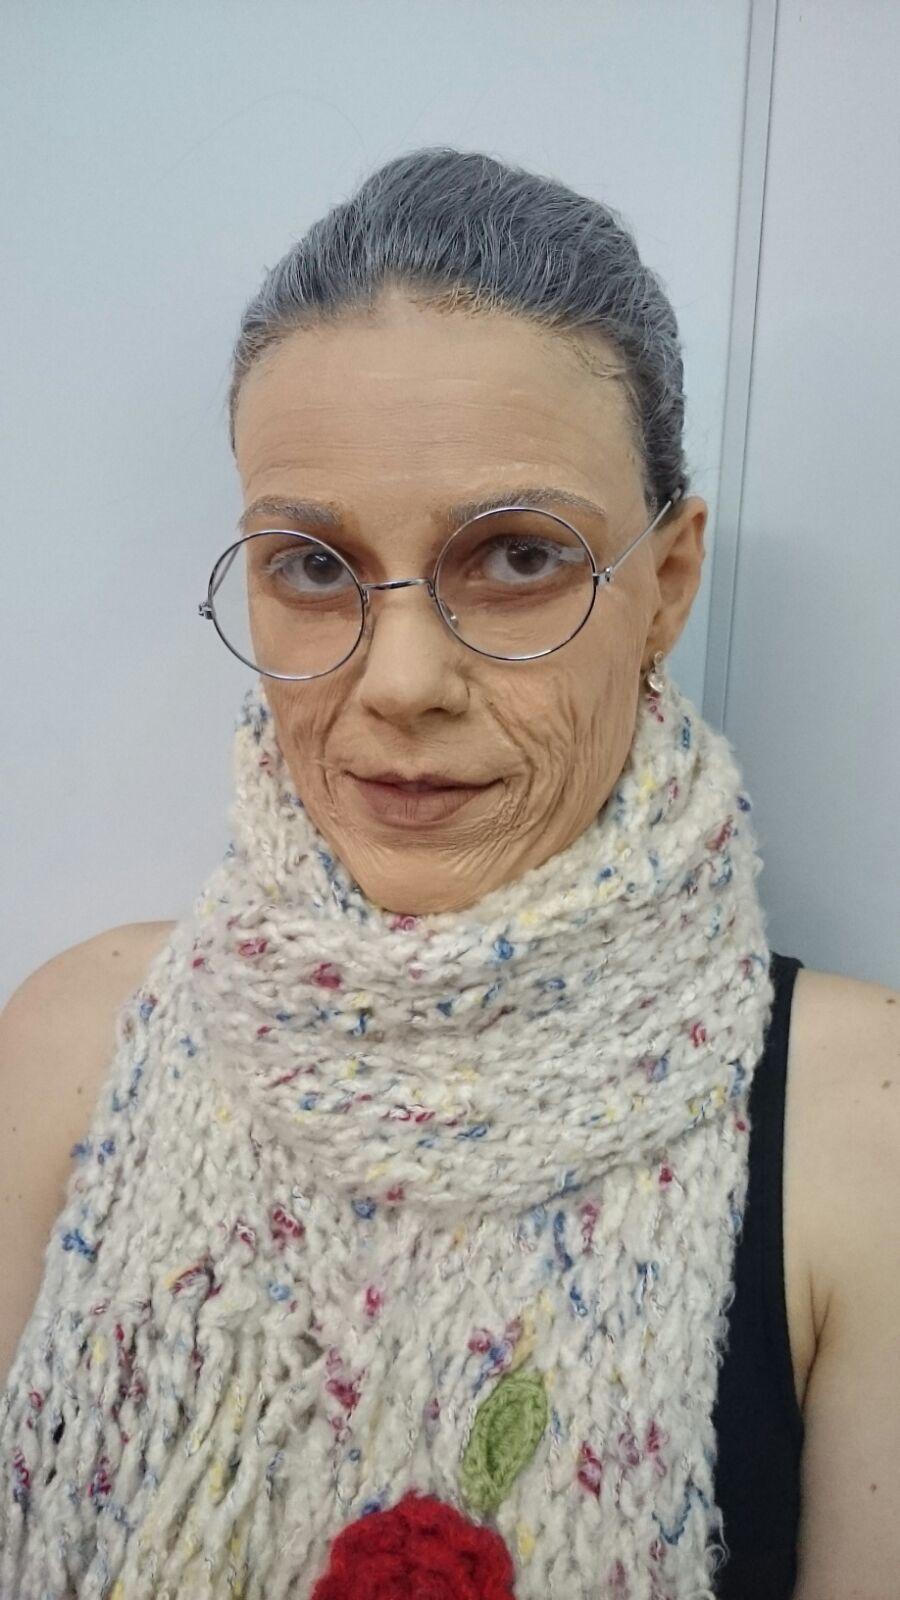 Maquiagem Artística - Técnica de Envelhecimento Veja mais no meu Blog Vaidosas de Batom:  www.vaidosasdebatom.com maquiagem maquiador(a) docente / professor(a)